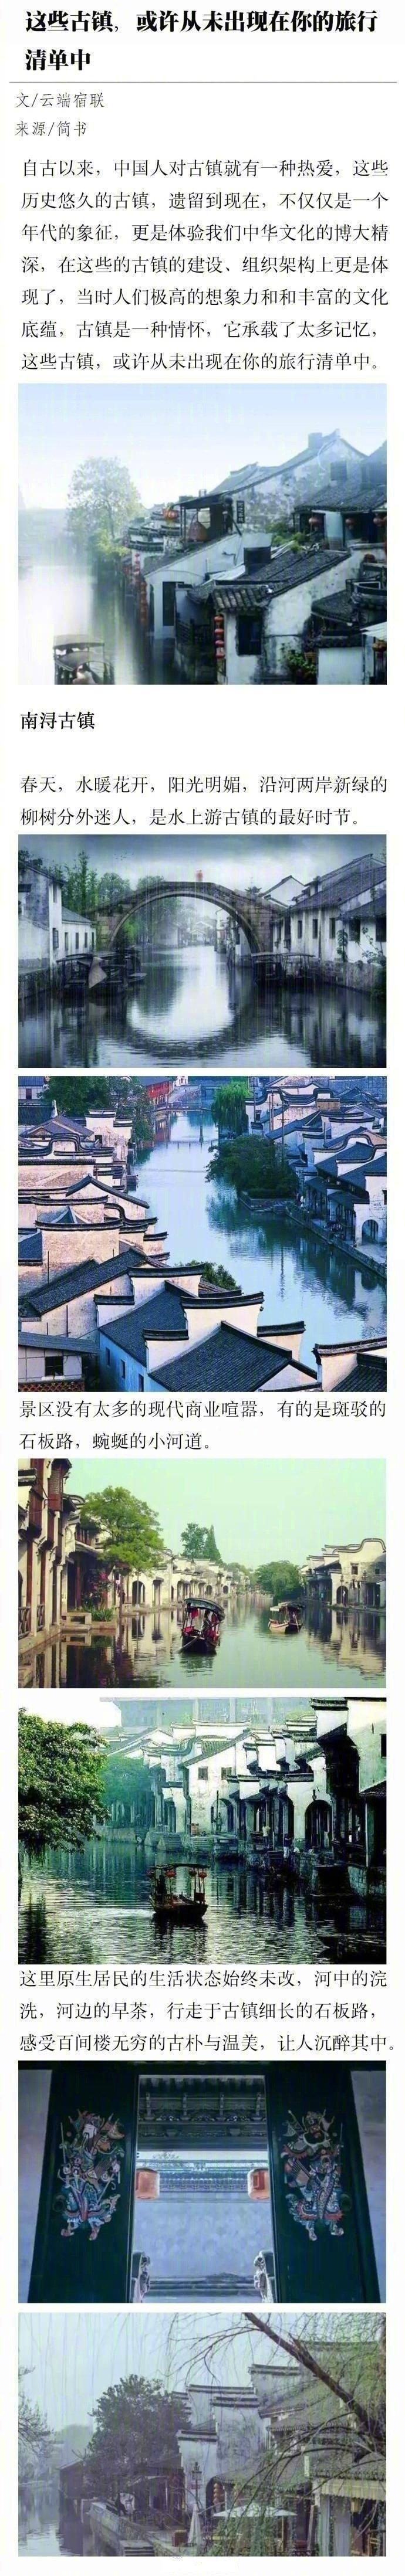 中国九大风情小镇